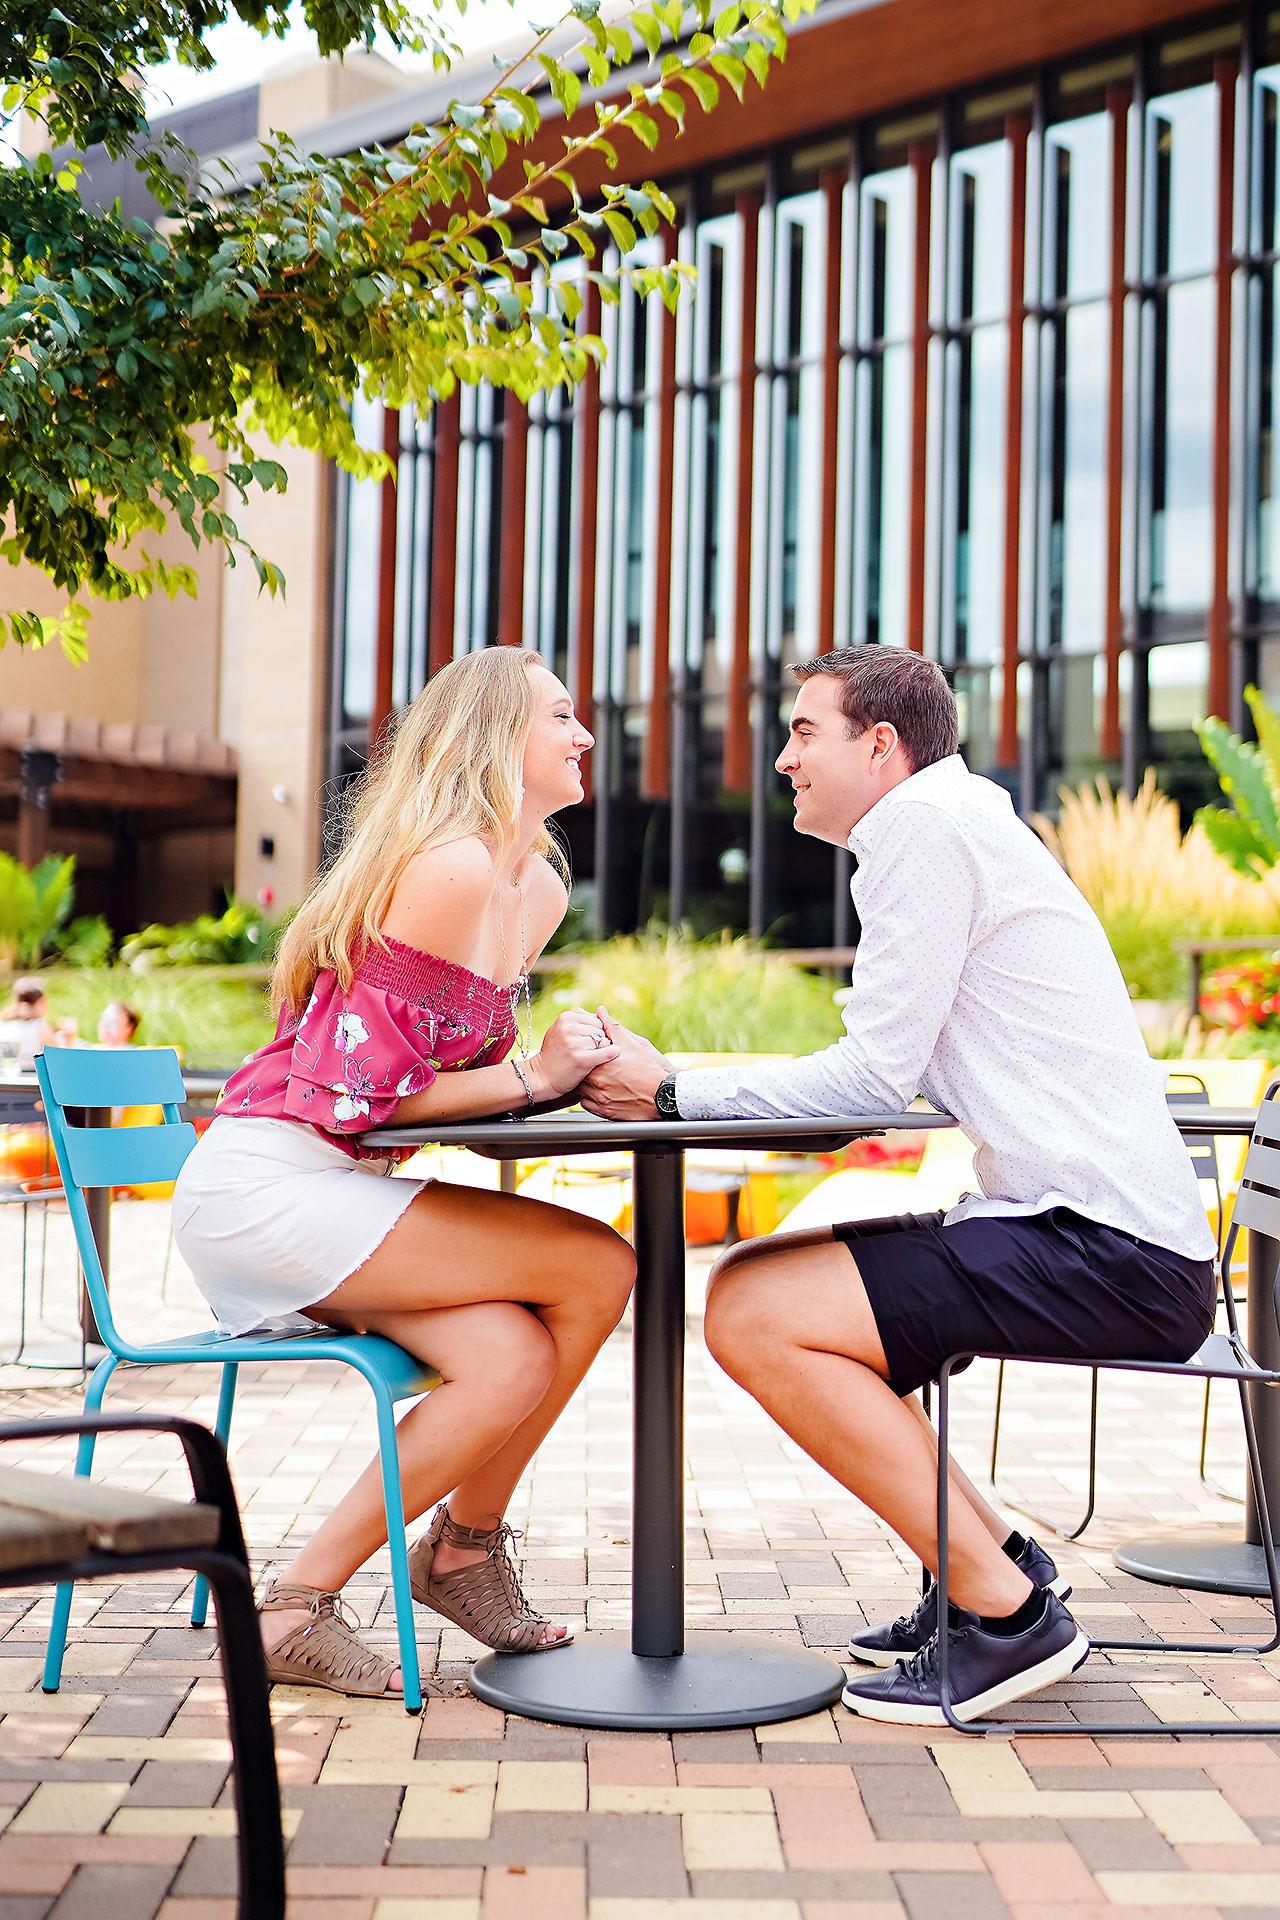 Liz Zach Midtown Carmel Engagement Session 001